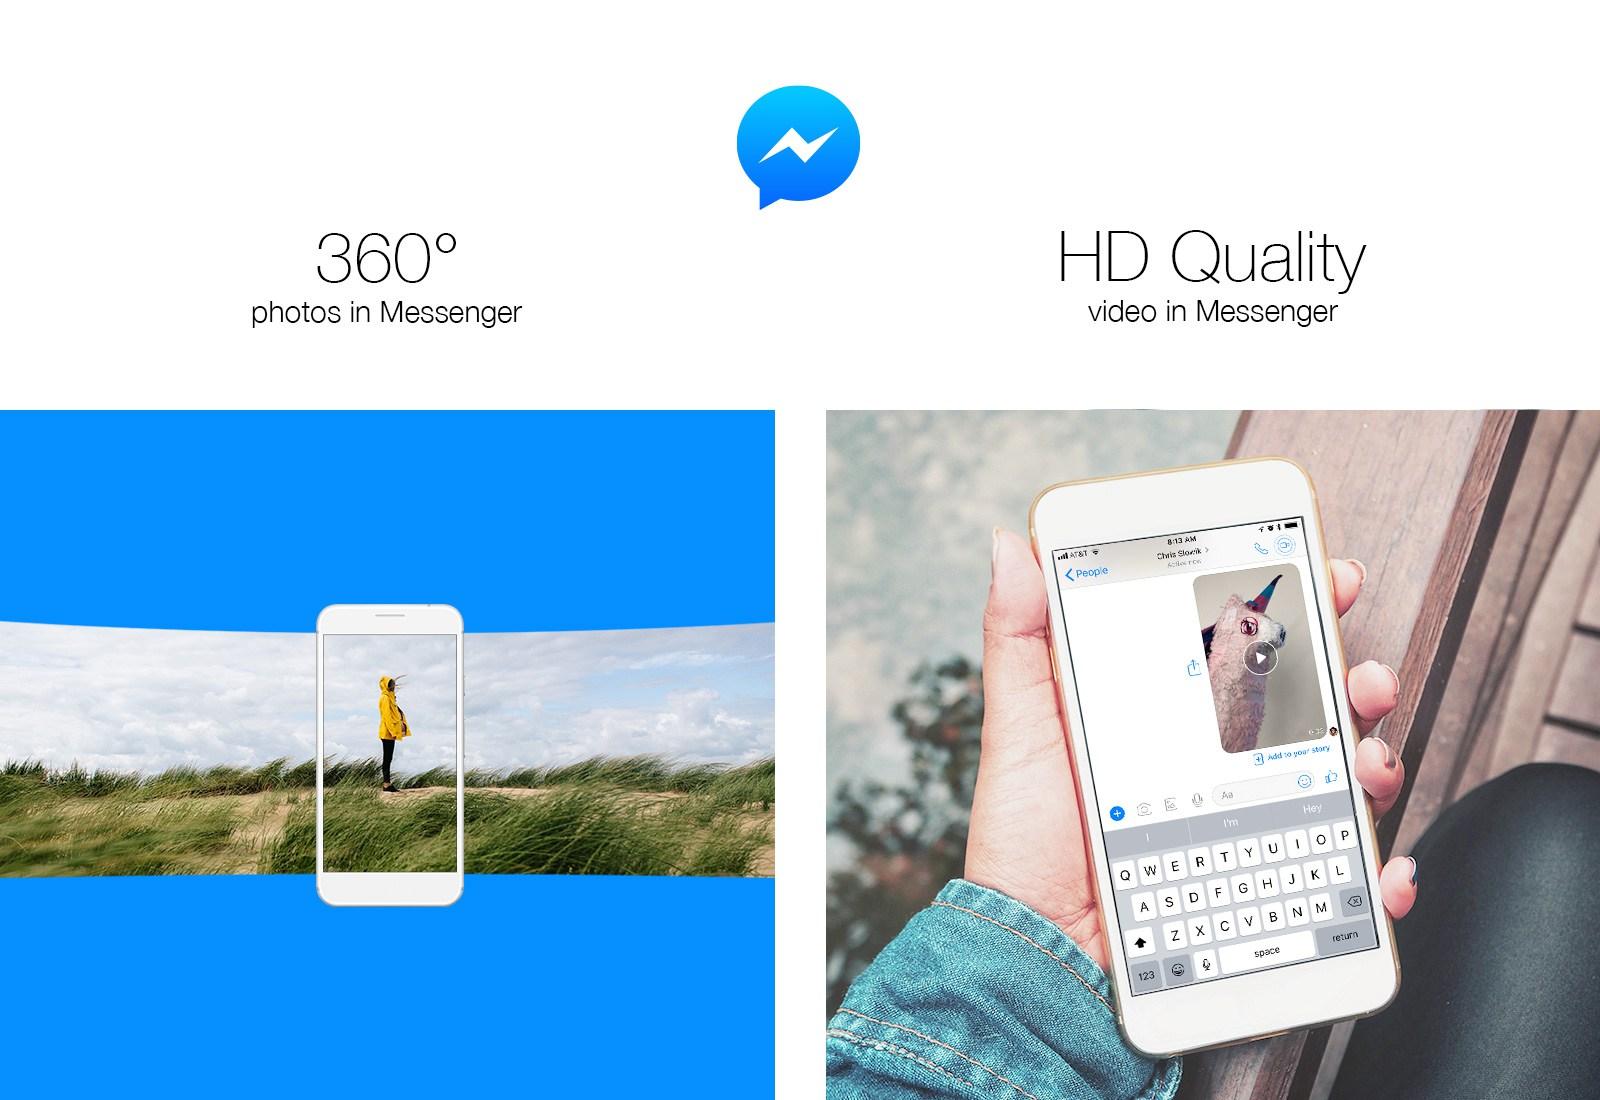 hd 360 facebook messenger - فيسبوك ماسنجر أصبح الآن يدعم خاصية إرسال صور 360 درجة وفيديوهات HD